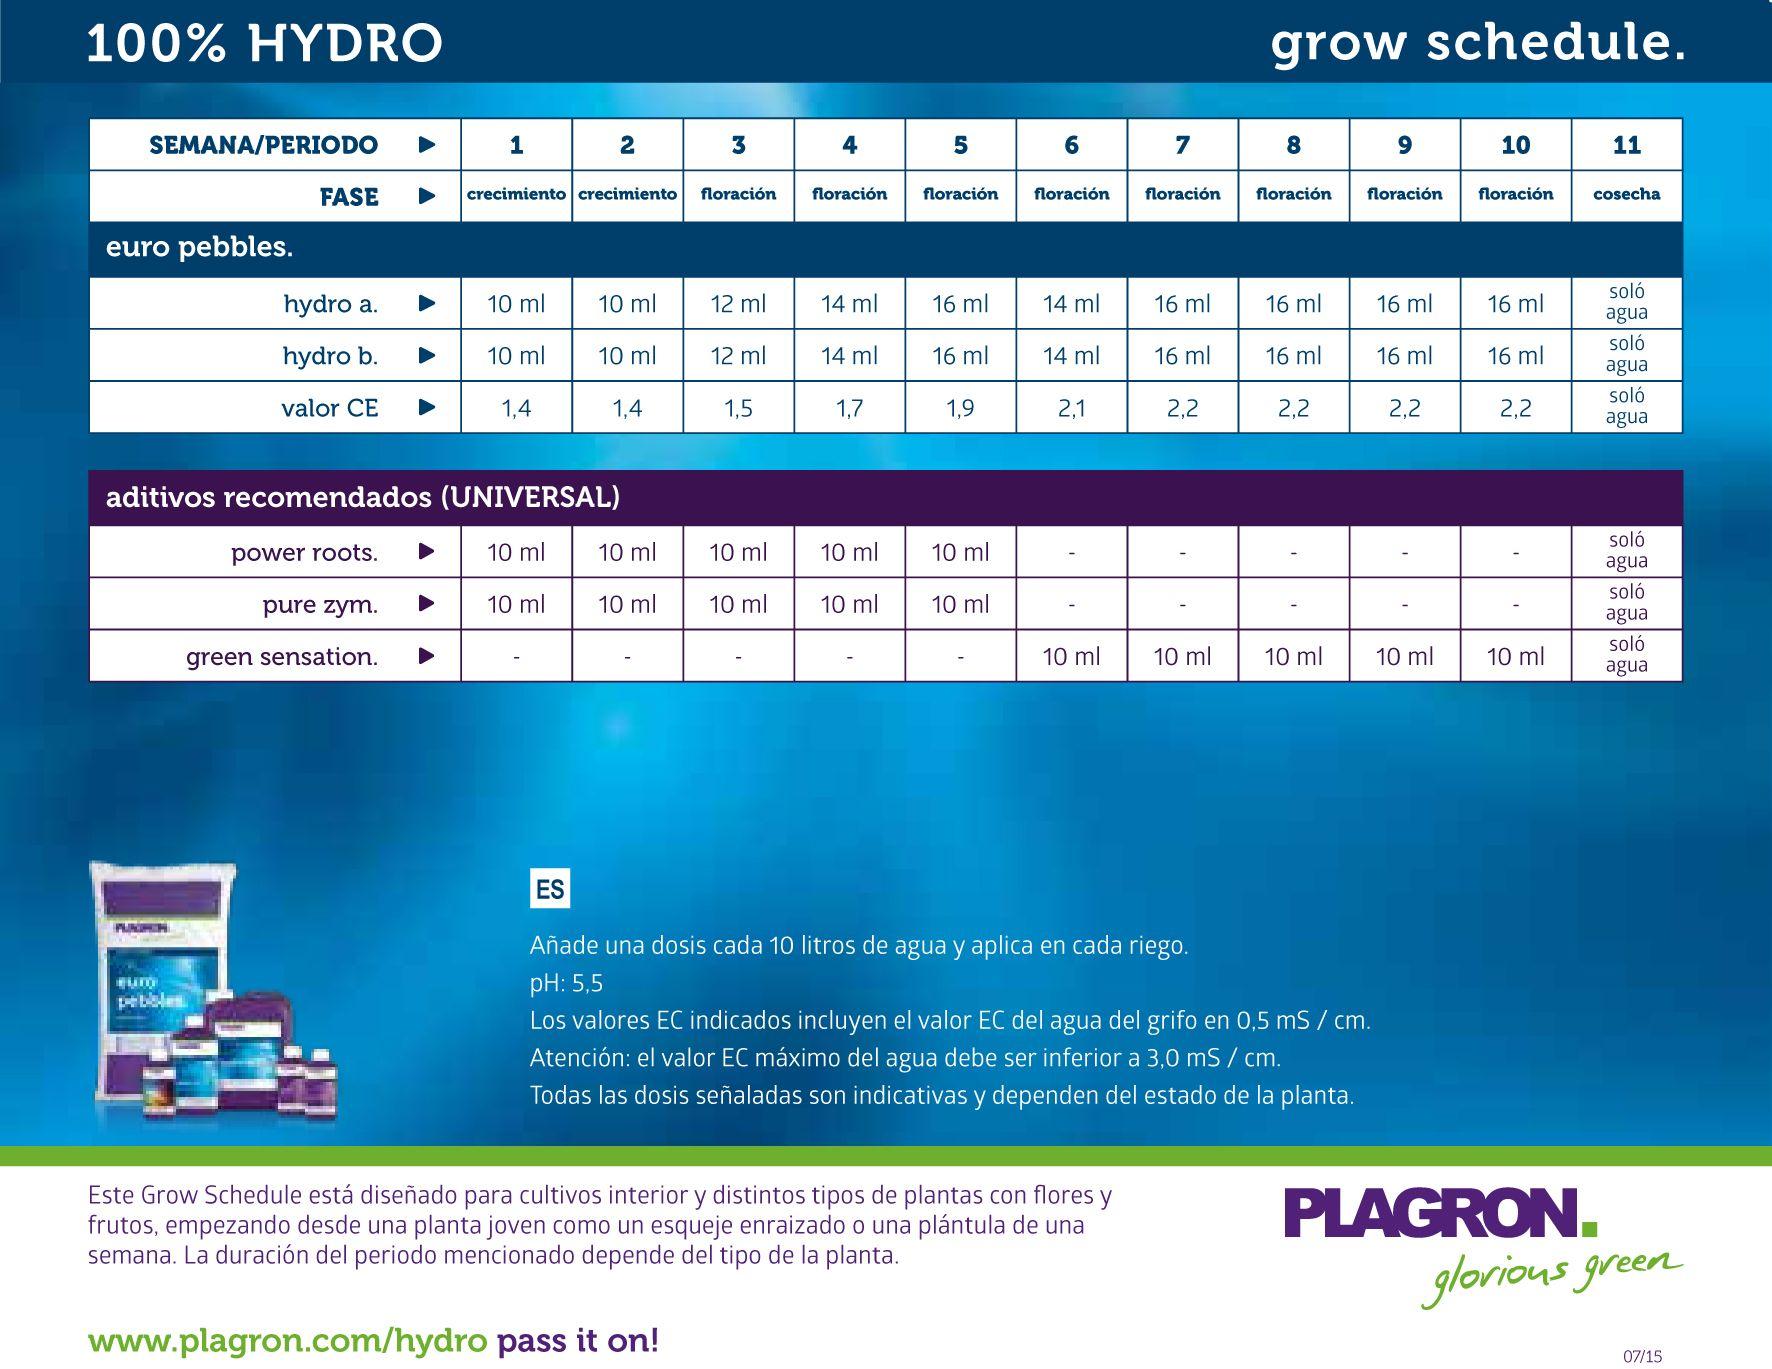 Tabla cultivo Plagron Hydro